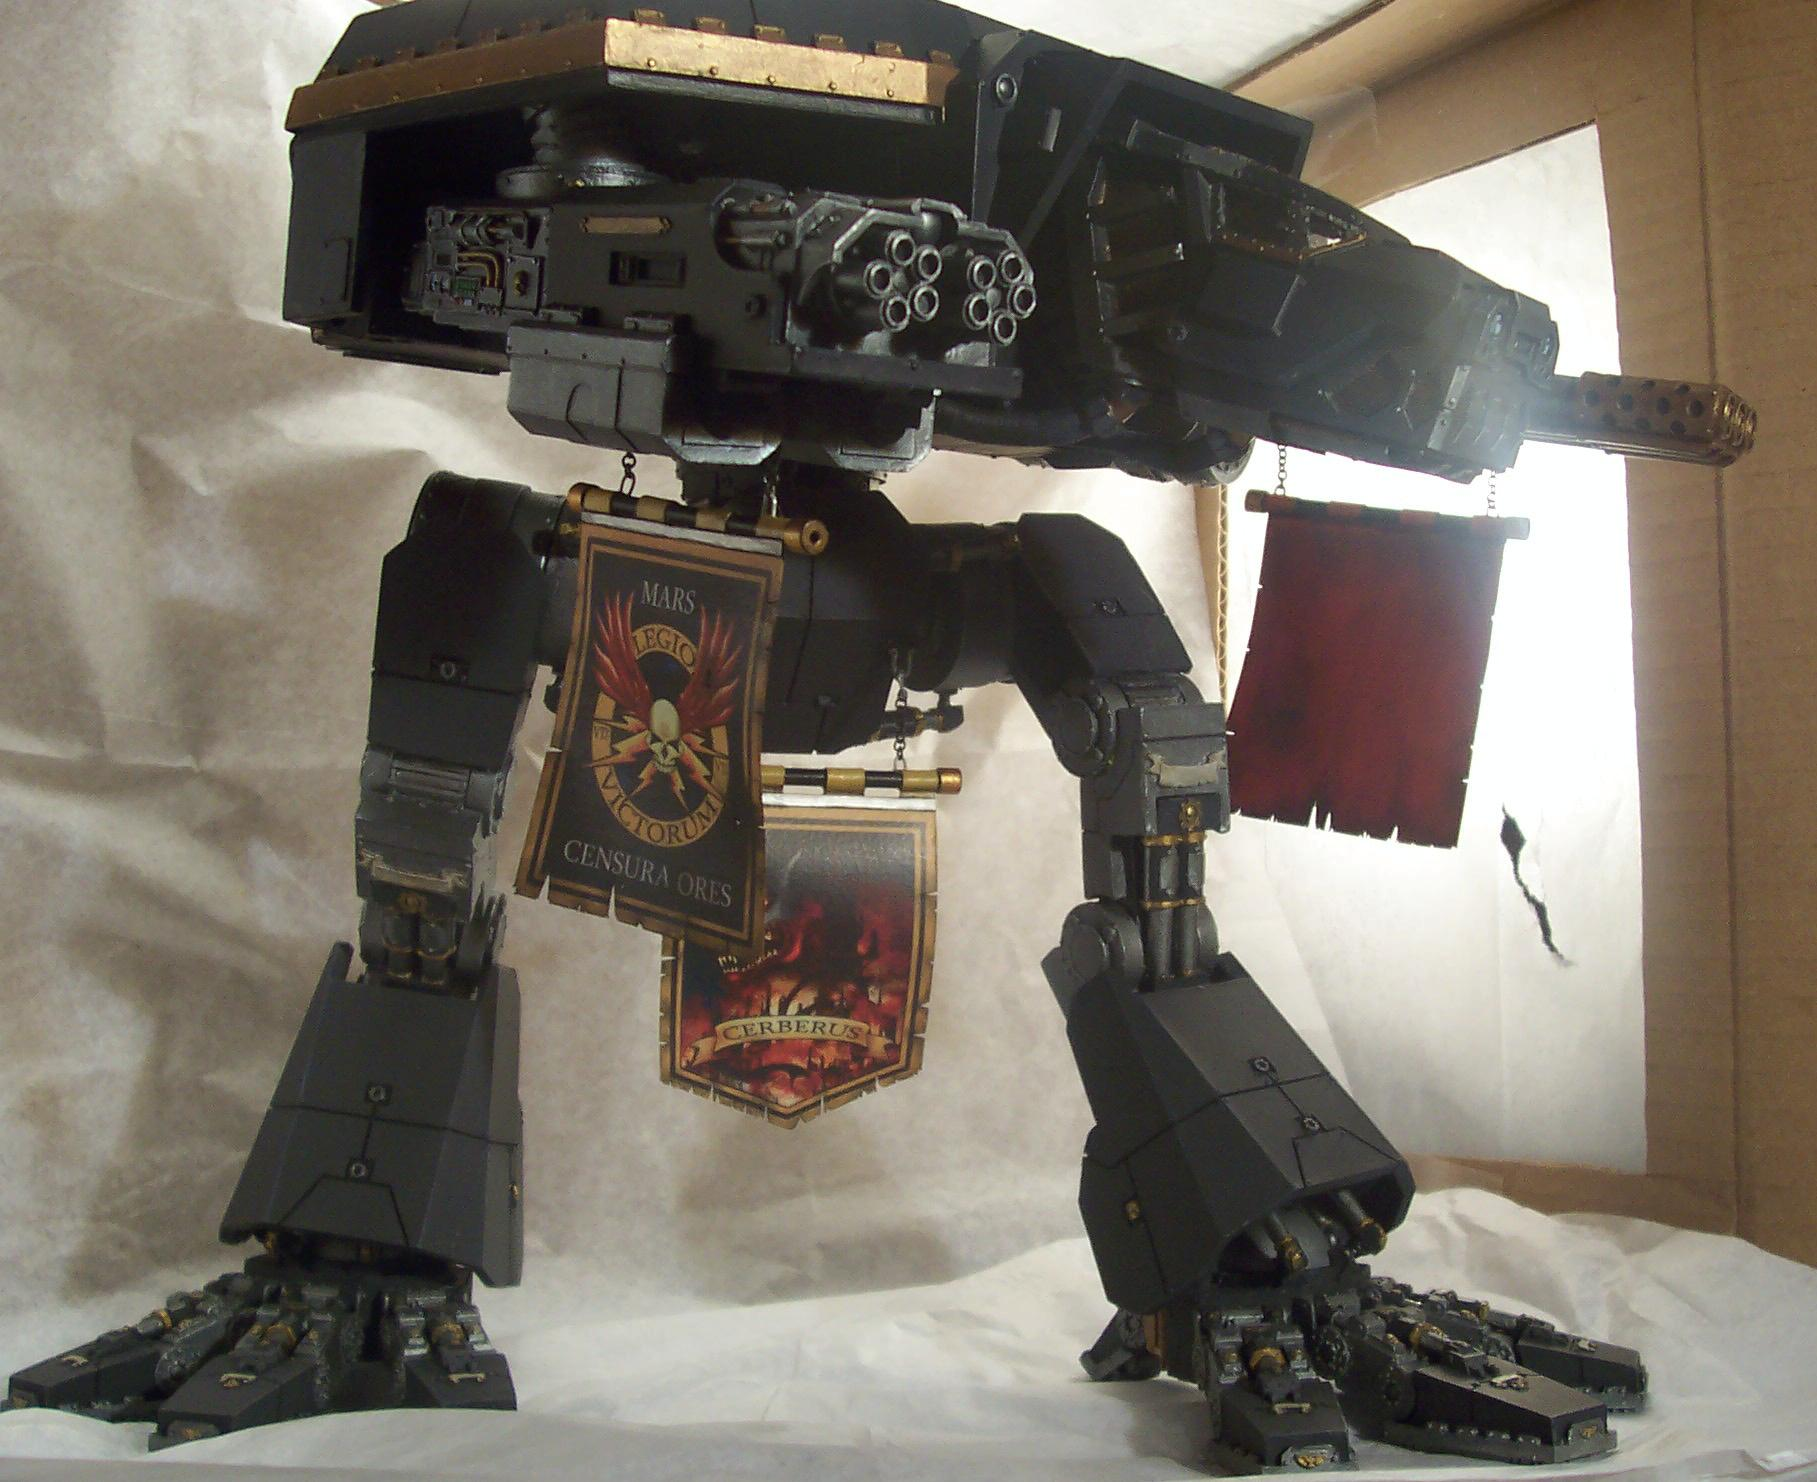 Cerberus, Forge World, Titan, Warhammer 40,000, Warhound